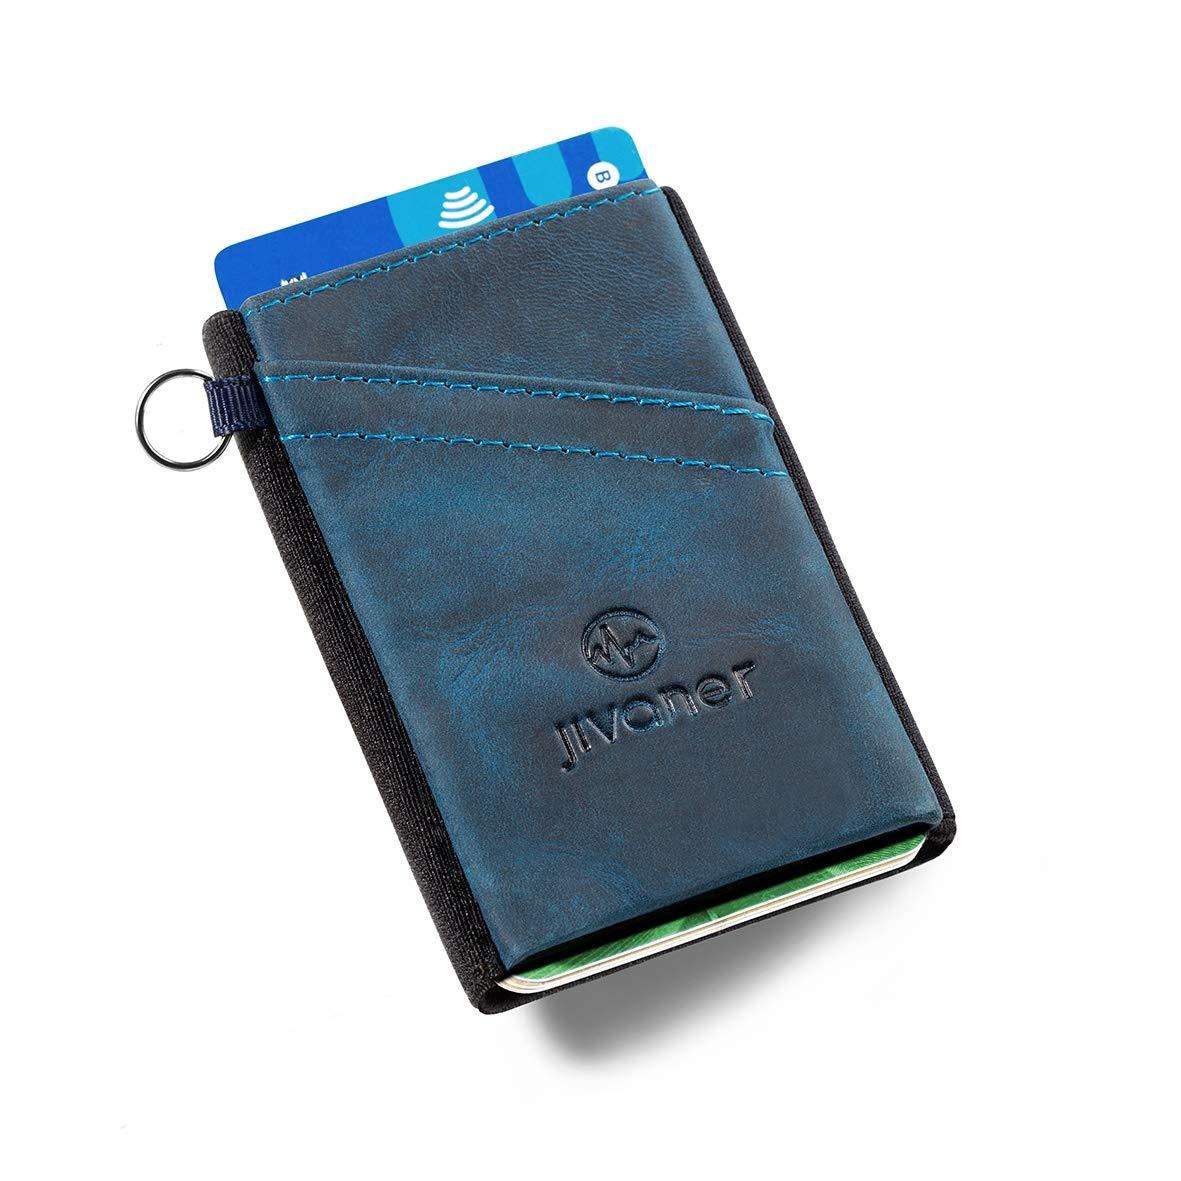 2d9699ada0a JIVANER Ultra Slim  Cartera Hombre de Piel Azul - Cartera Minimalista -  Tarjetero RFID Bloqueo - Billetera Monedero pequeña y Delgada - Mini  portamonedas de ...